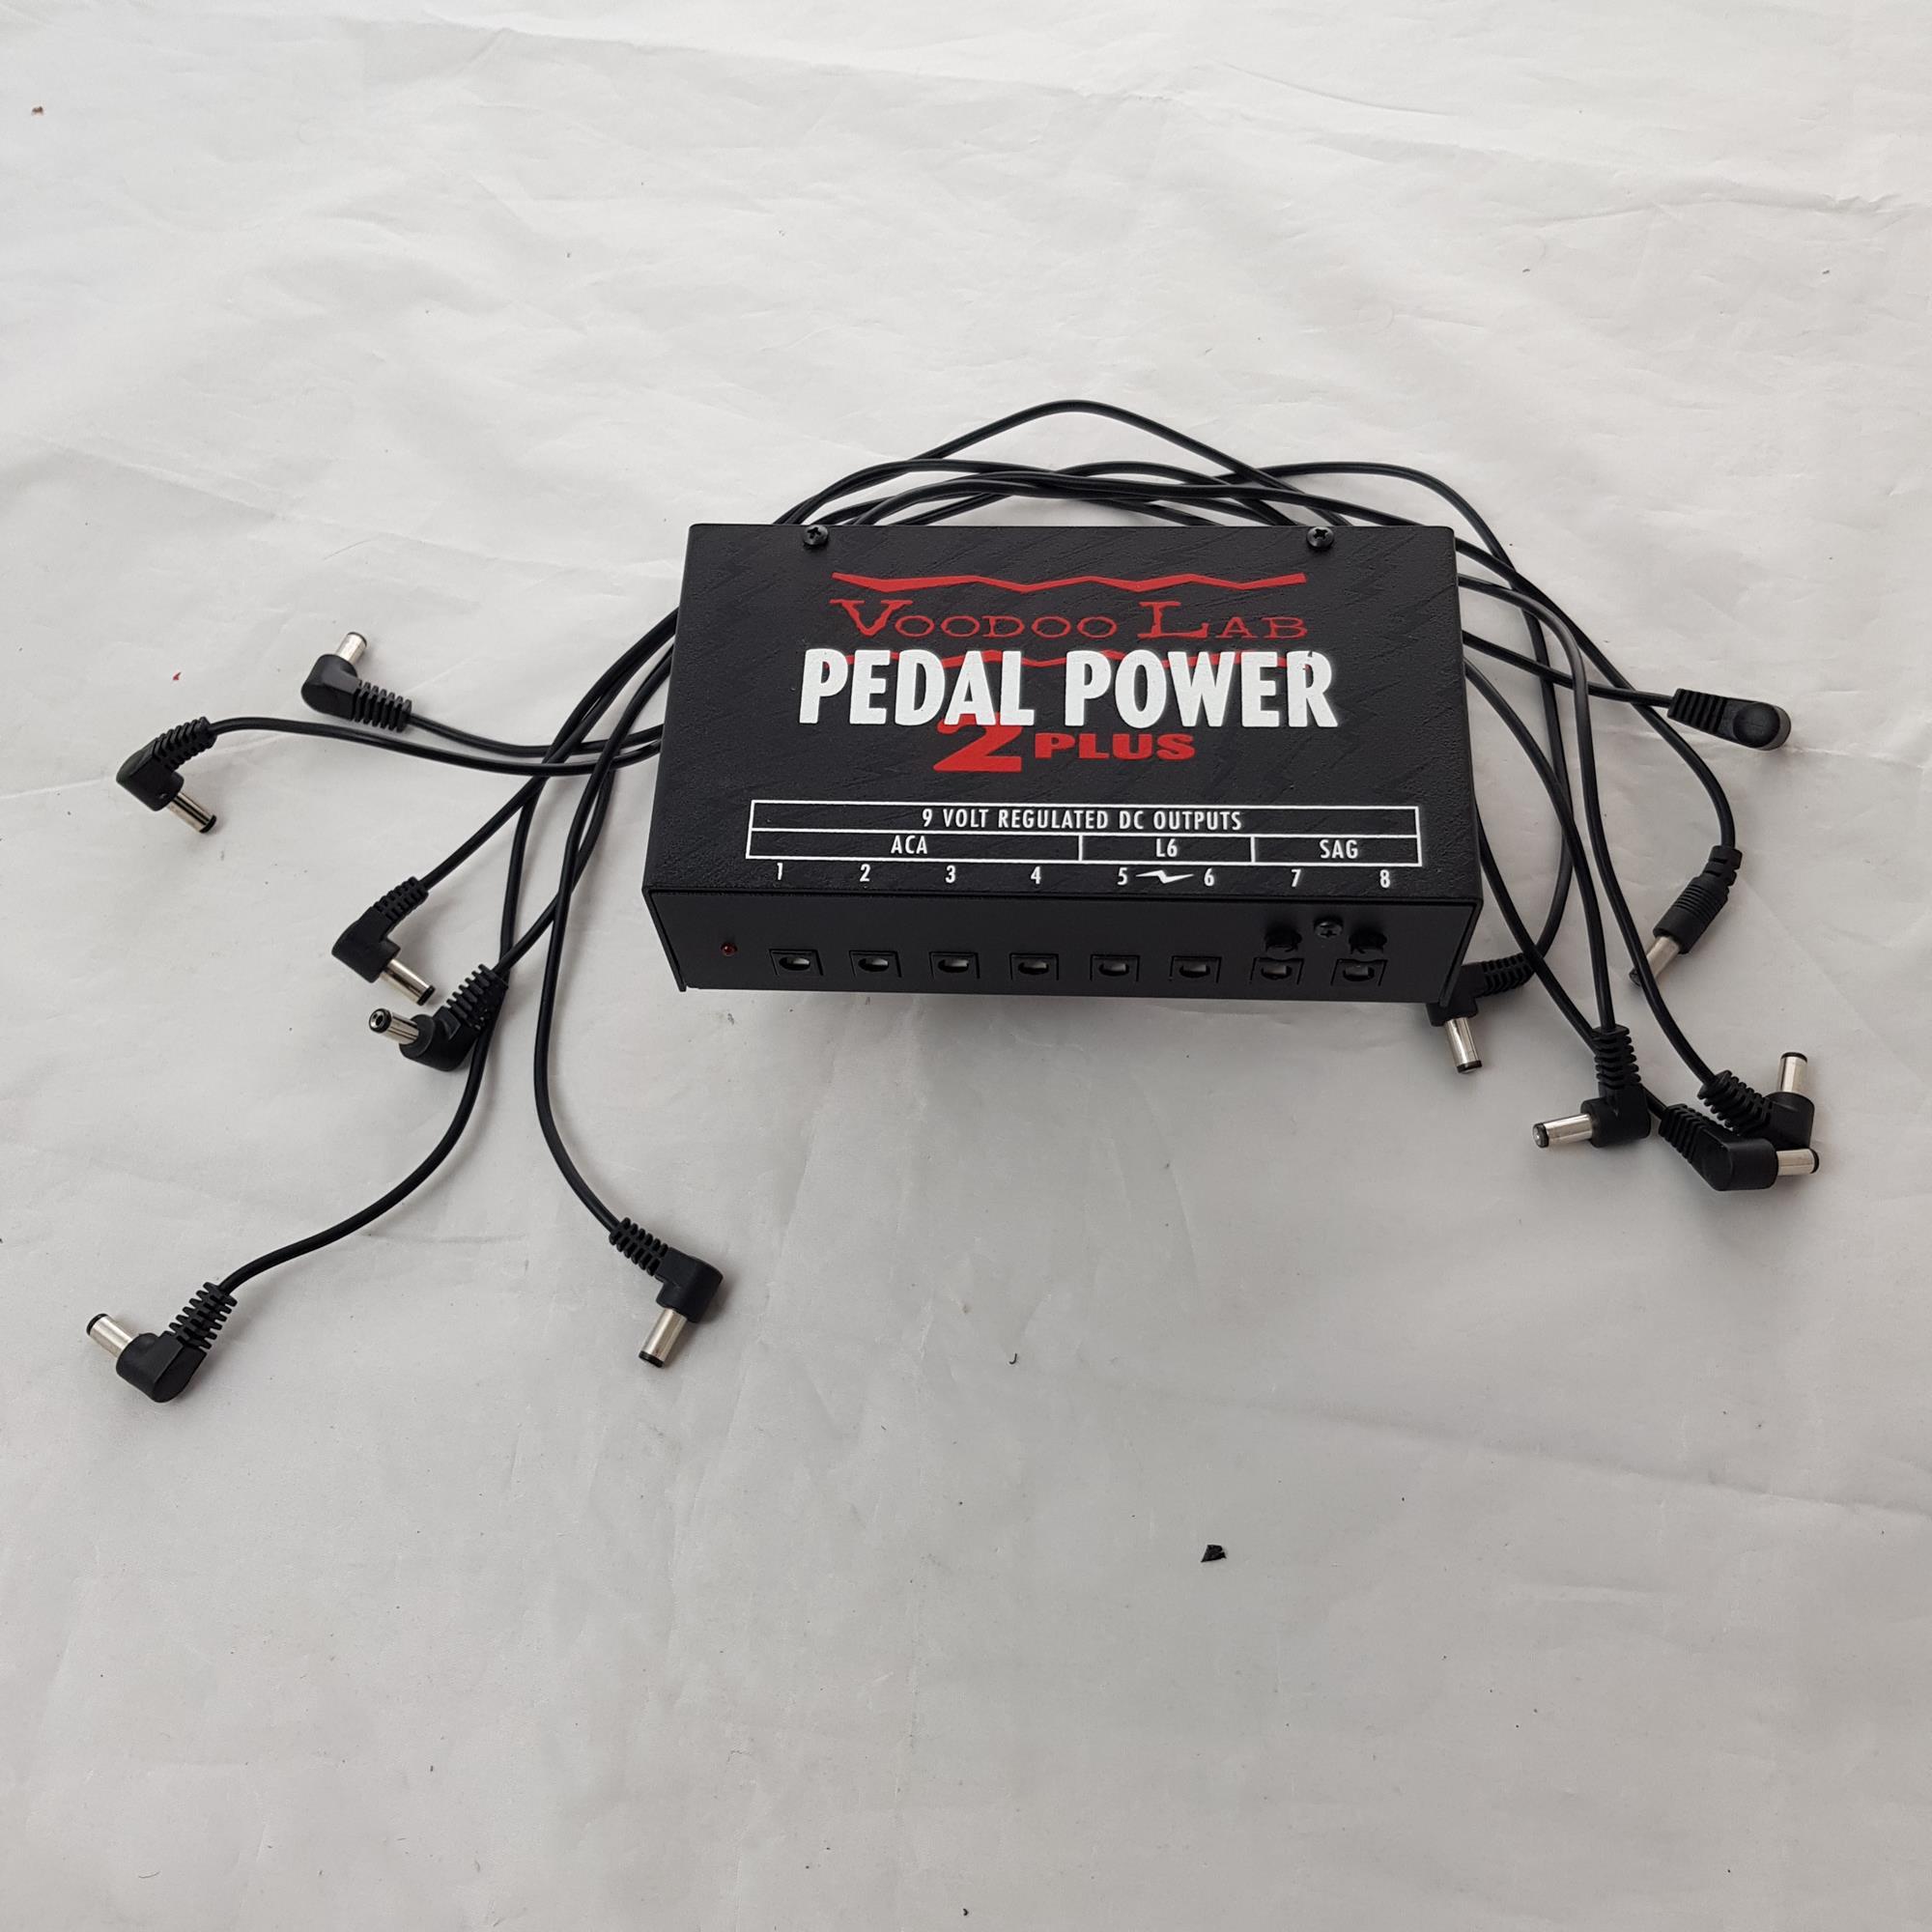 VOODOO-LAB-PEDAL-POWER-2-PLUS-sku-1624117118131